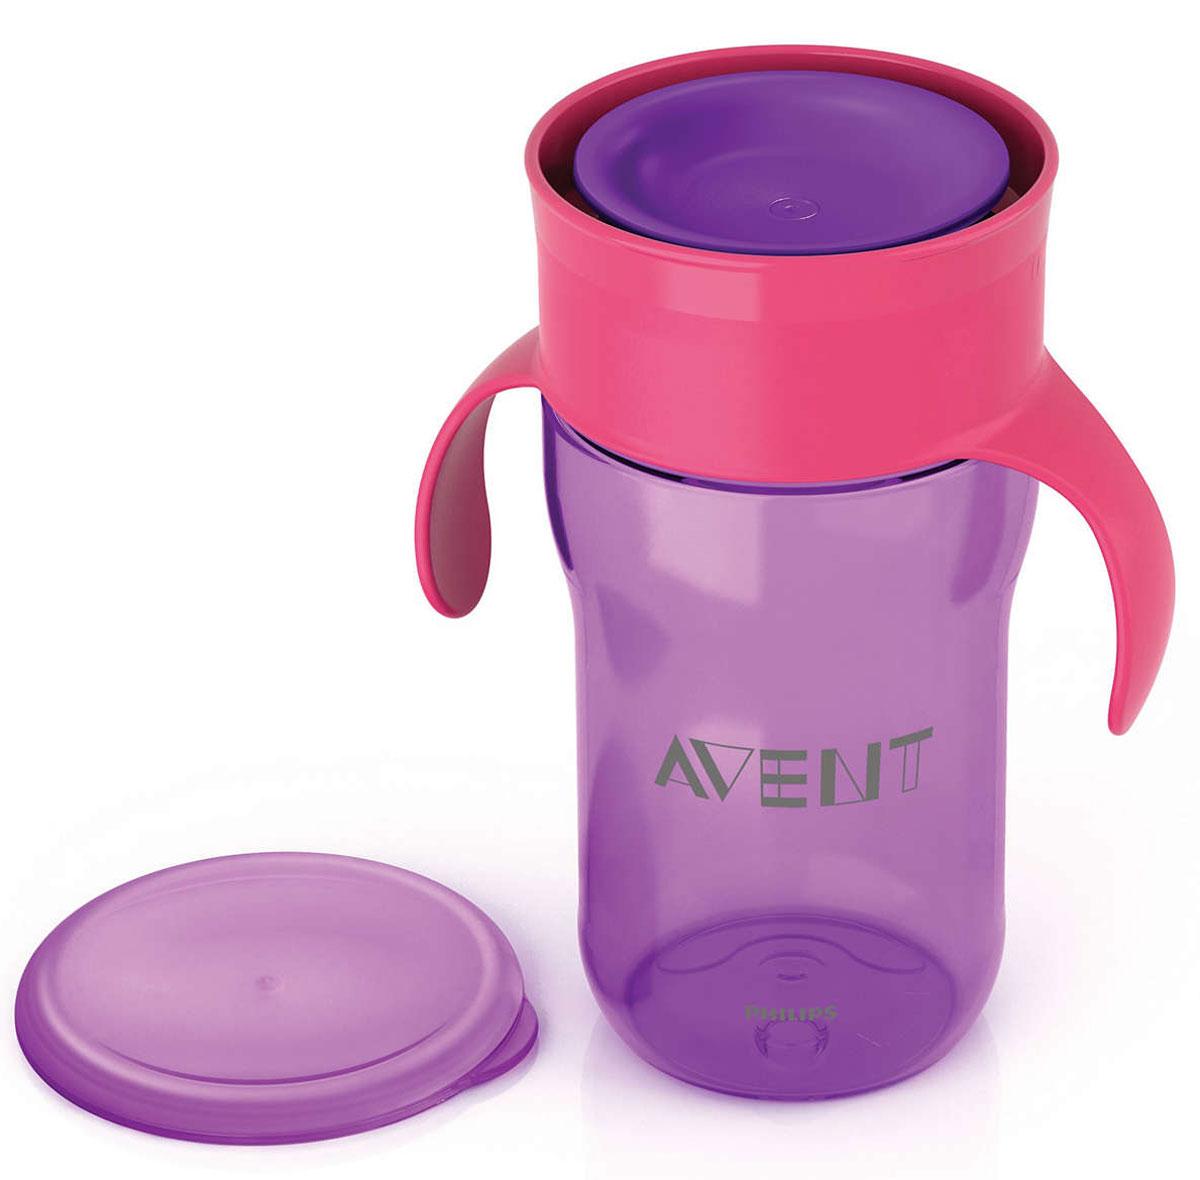 Philips Avent Взрослая чашка, 340 мл, 12м+, 1 шт фиолетовый SCF784/00SCF784/00Чашка-поильник Philips Avent выполнена из безопасного материала (не содержит бисфенол А) и оформлена забавными изображениями. С помощью этой чашки без носика и трубочки вы сможете легко научить ребенка пользоваться обычной чашкой: малыш может пить по всему краю, как из обычной чашки для взрослых. Уникальный инновационный клапан, который открывается от прикосновения губ и обеспечивает быстрый поток, разработан экспертами Philips Avent специально для того, чтобы научить вашего малыша пить из обычной чашки. Клапан с быстрым потоком позволяет малышу пить, не прилагая лишних усилий, не всасывая жидкость. Дома или на прогулке, защитная гигиеничная крышка всегда сохраняет чашку в чистоте. Обучающие ручки приучают малыша держать чашку и пить без посторонней помощи.